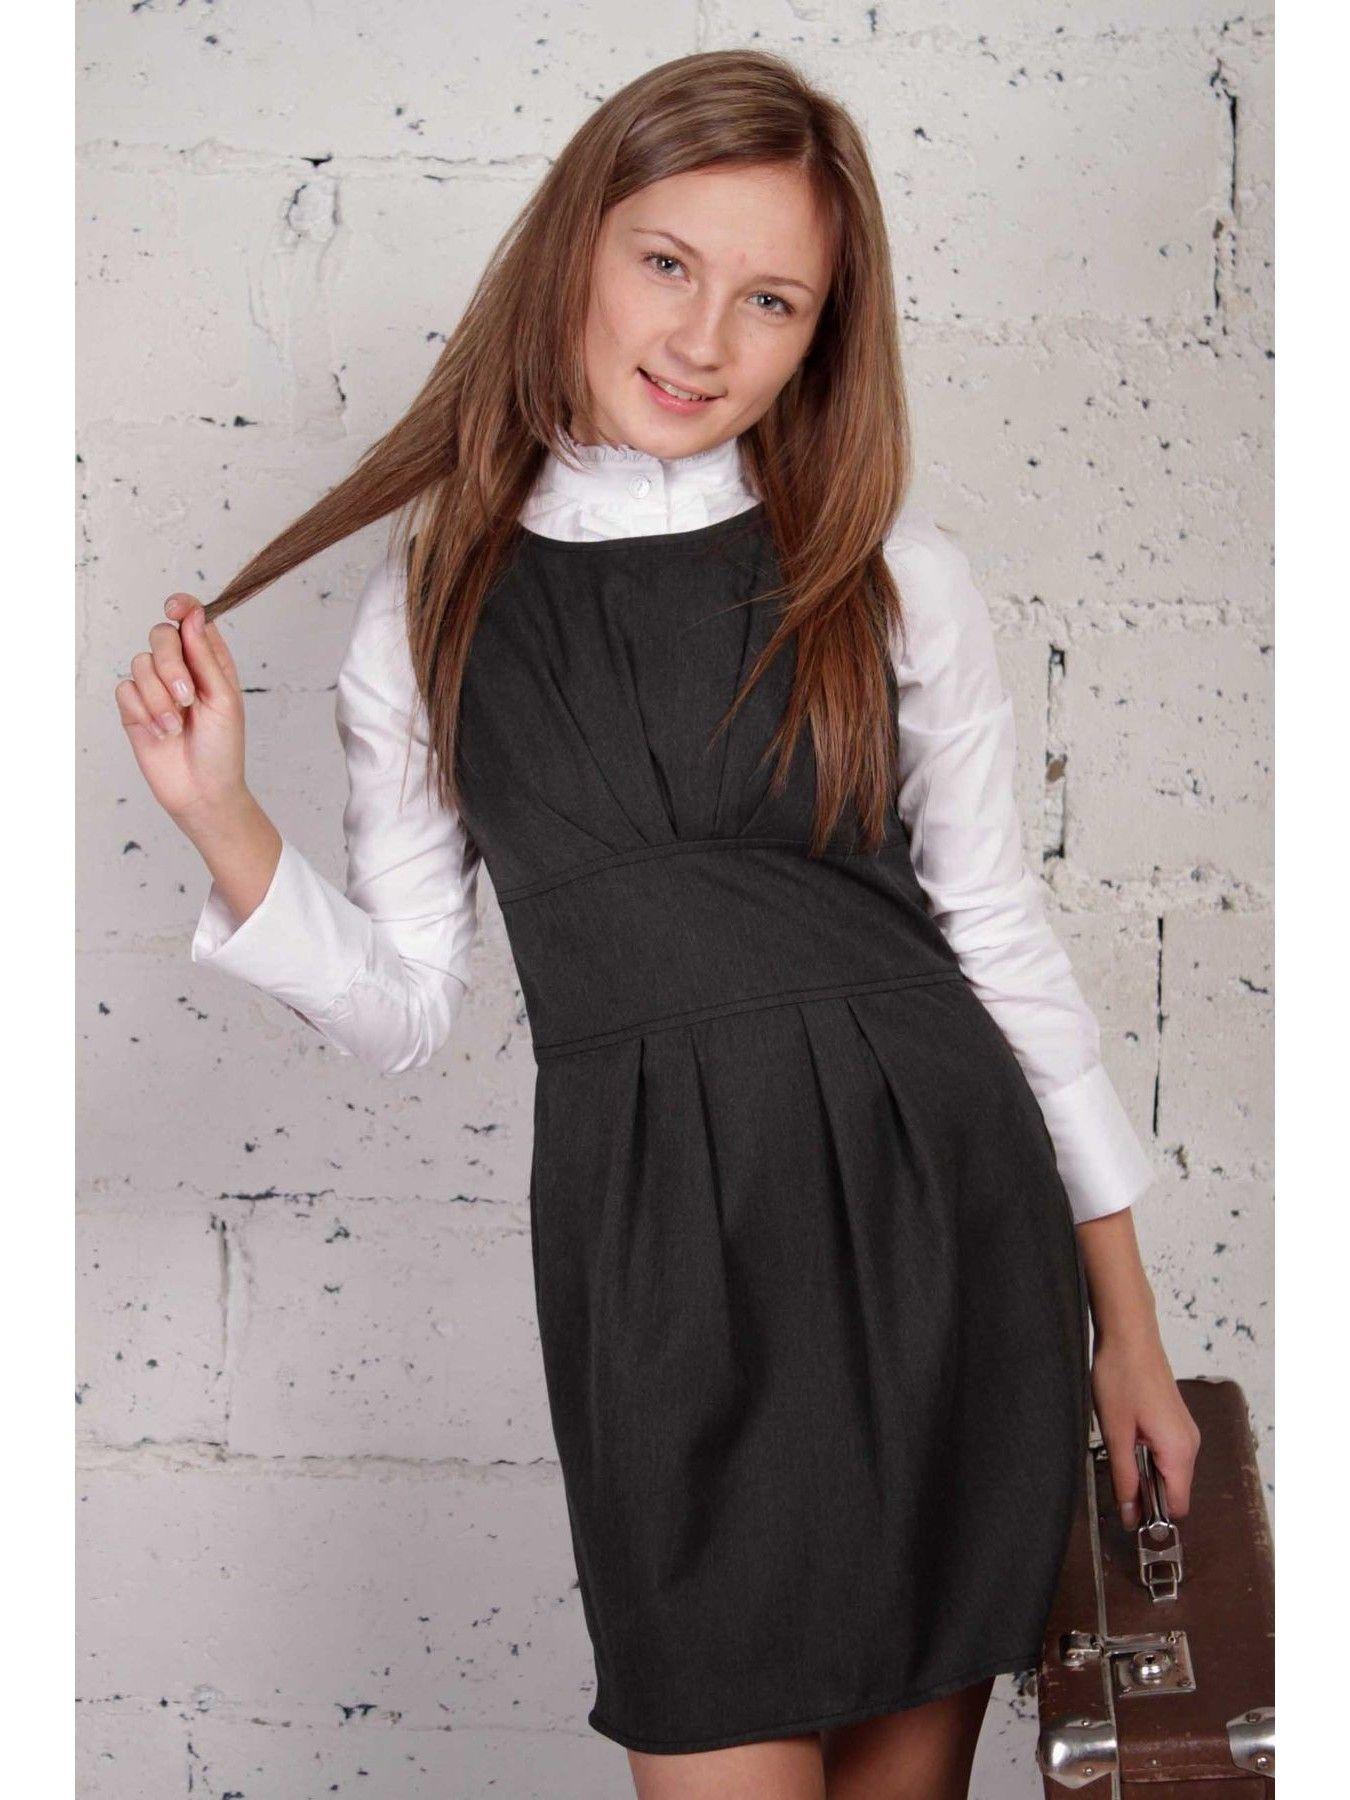 школьная форма | School Uniform & similar | Pinterest | Nähmuster ...